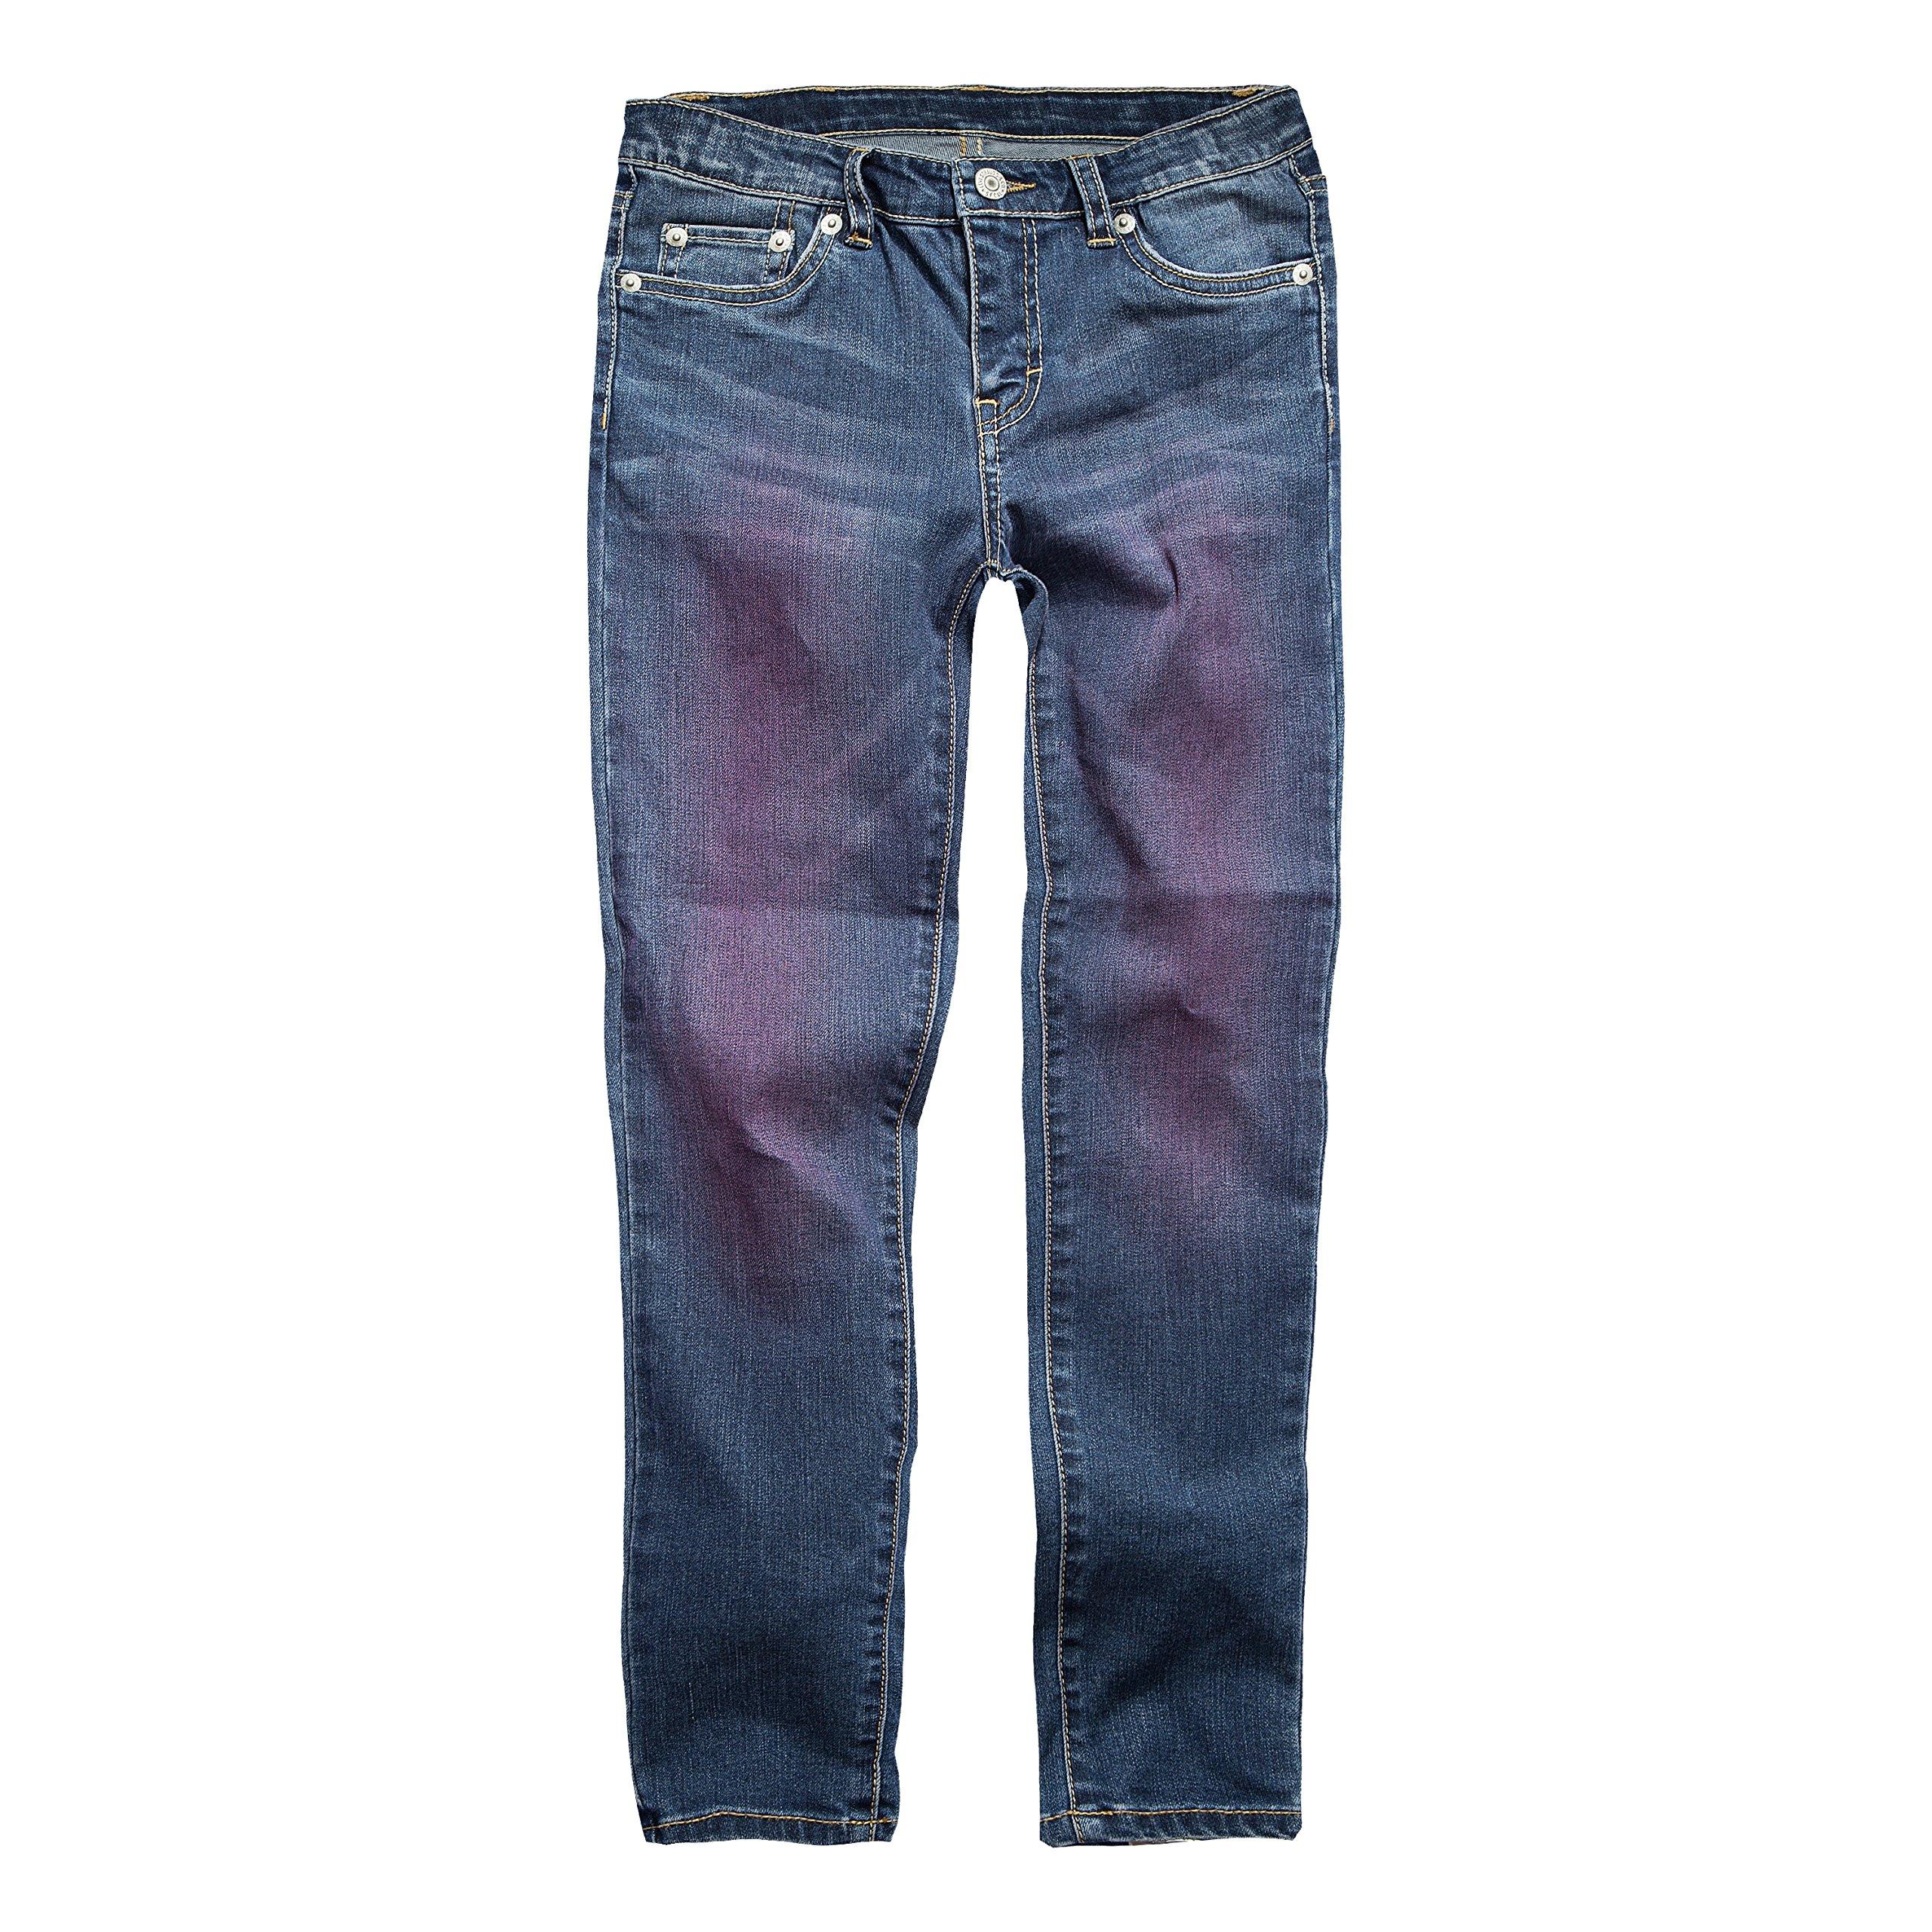 Levi's Girls' Big 710 Super Skinny Fit Jeans, Aruba